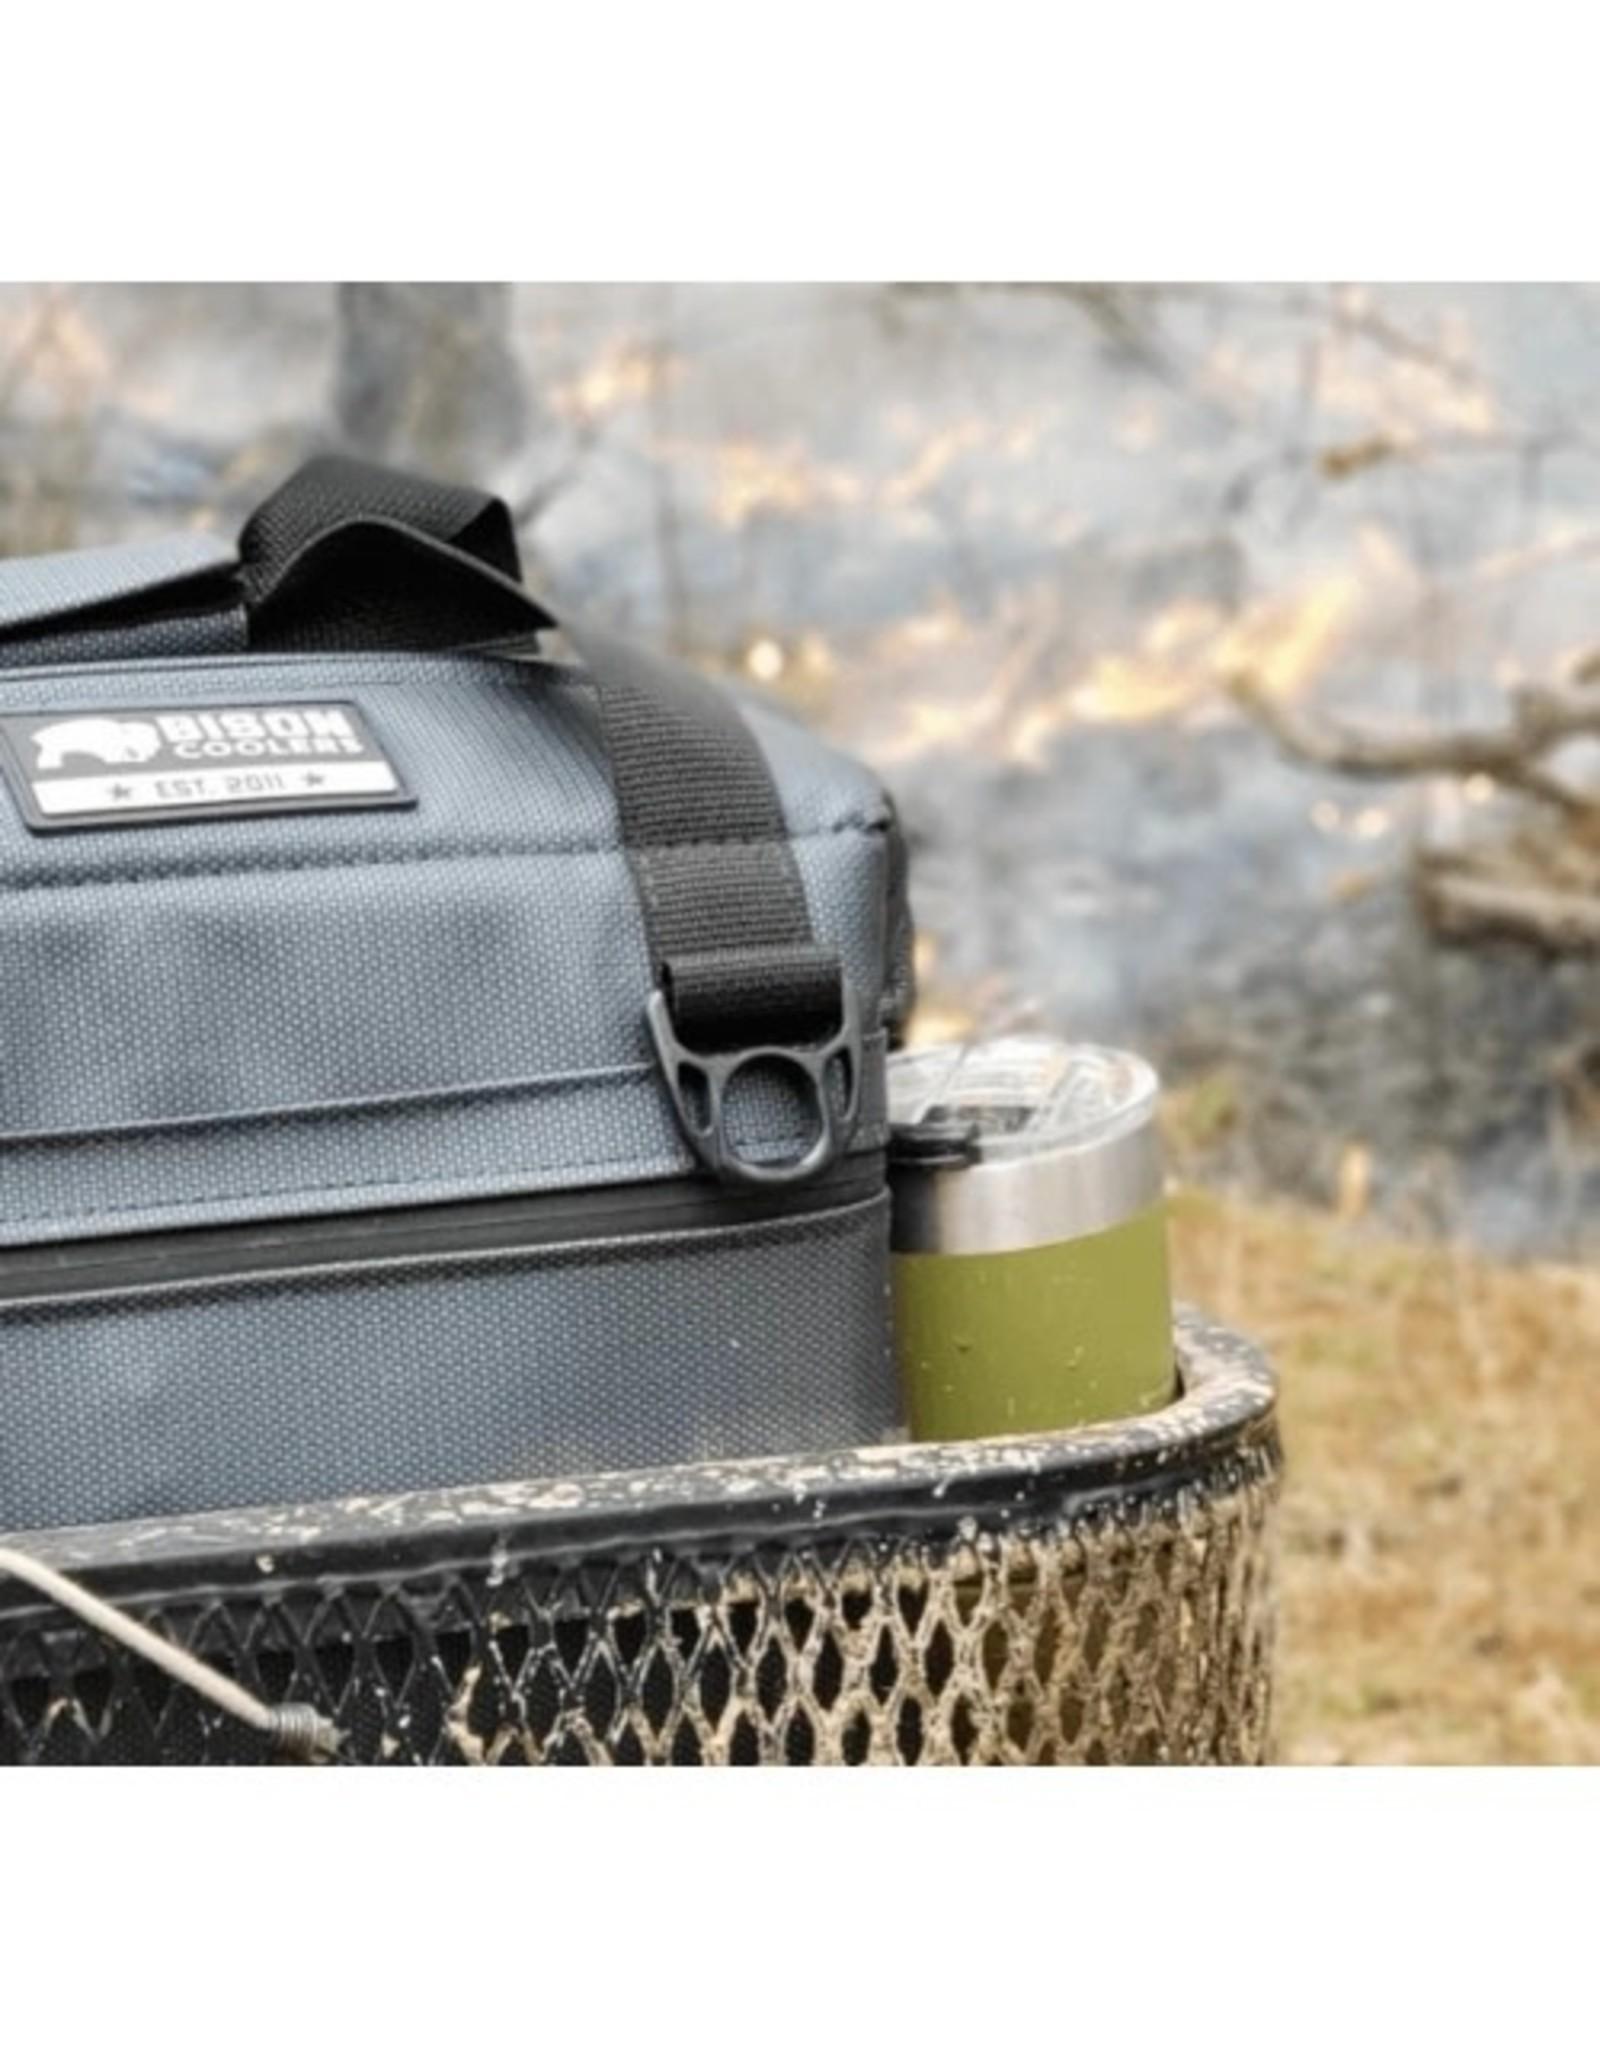 Bison Bison 24 Can XD Cooler Bag